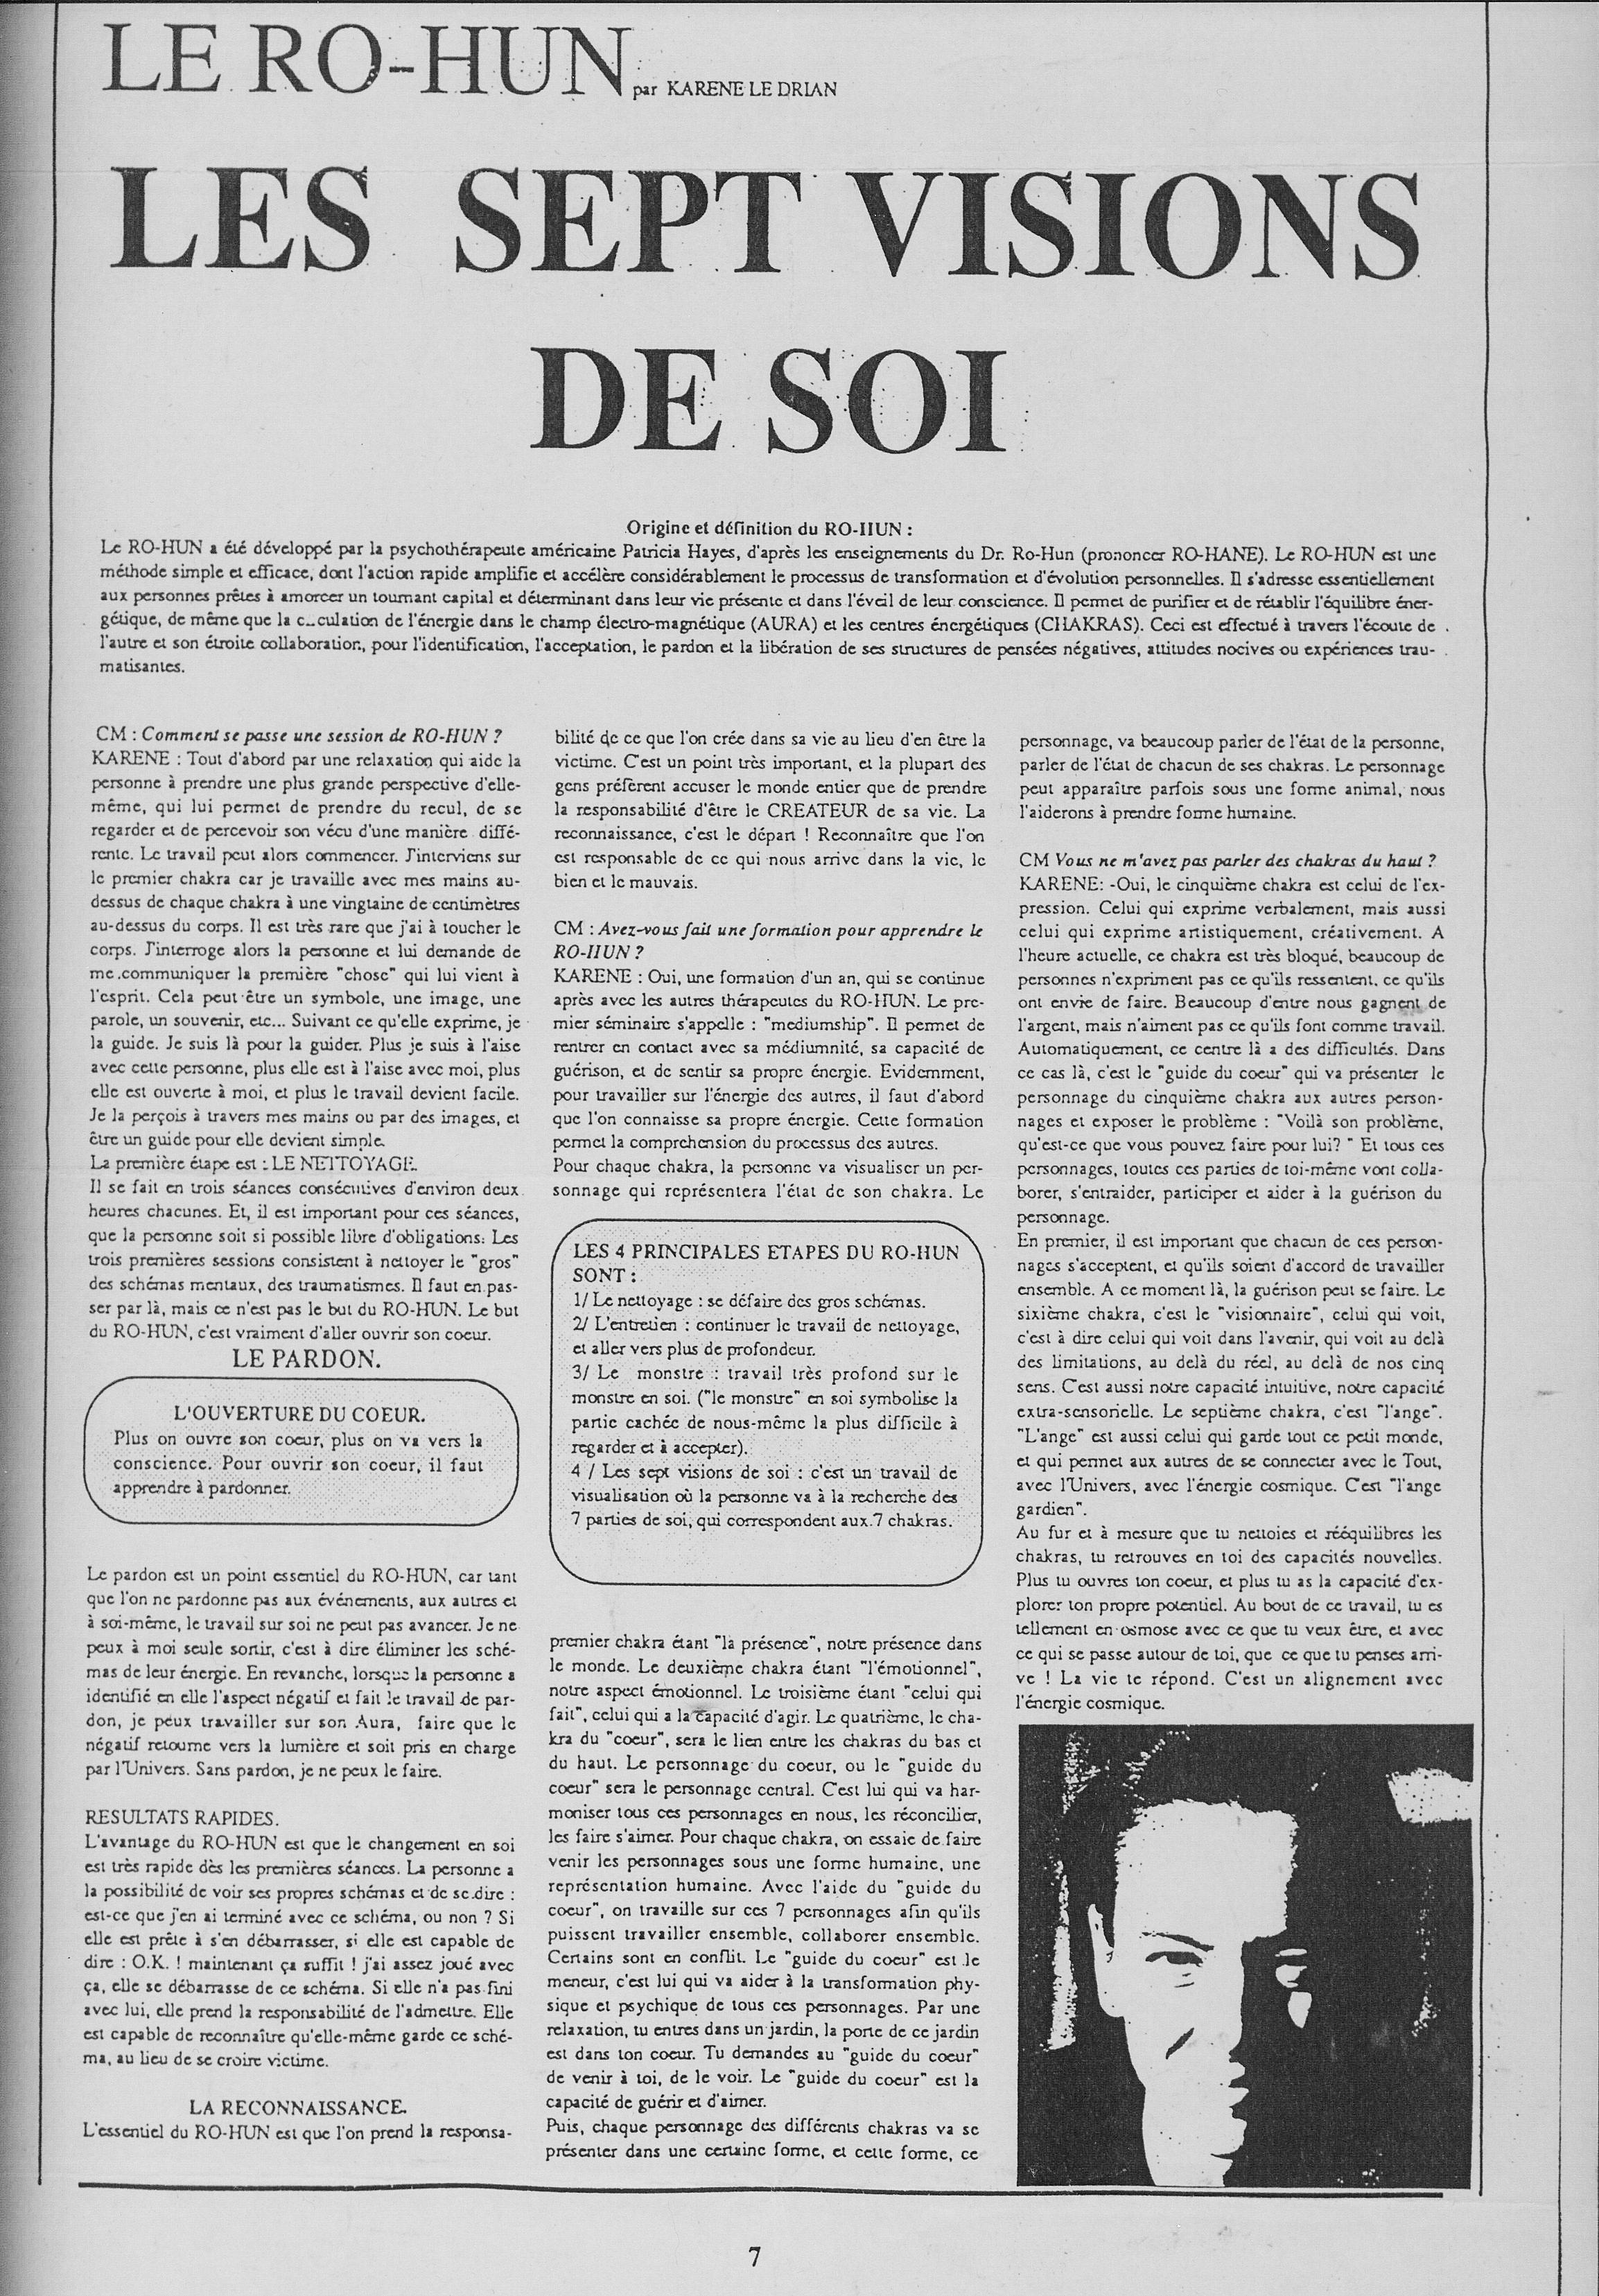 article-7-Visions-de-soi